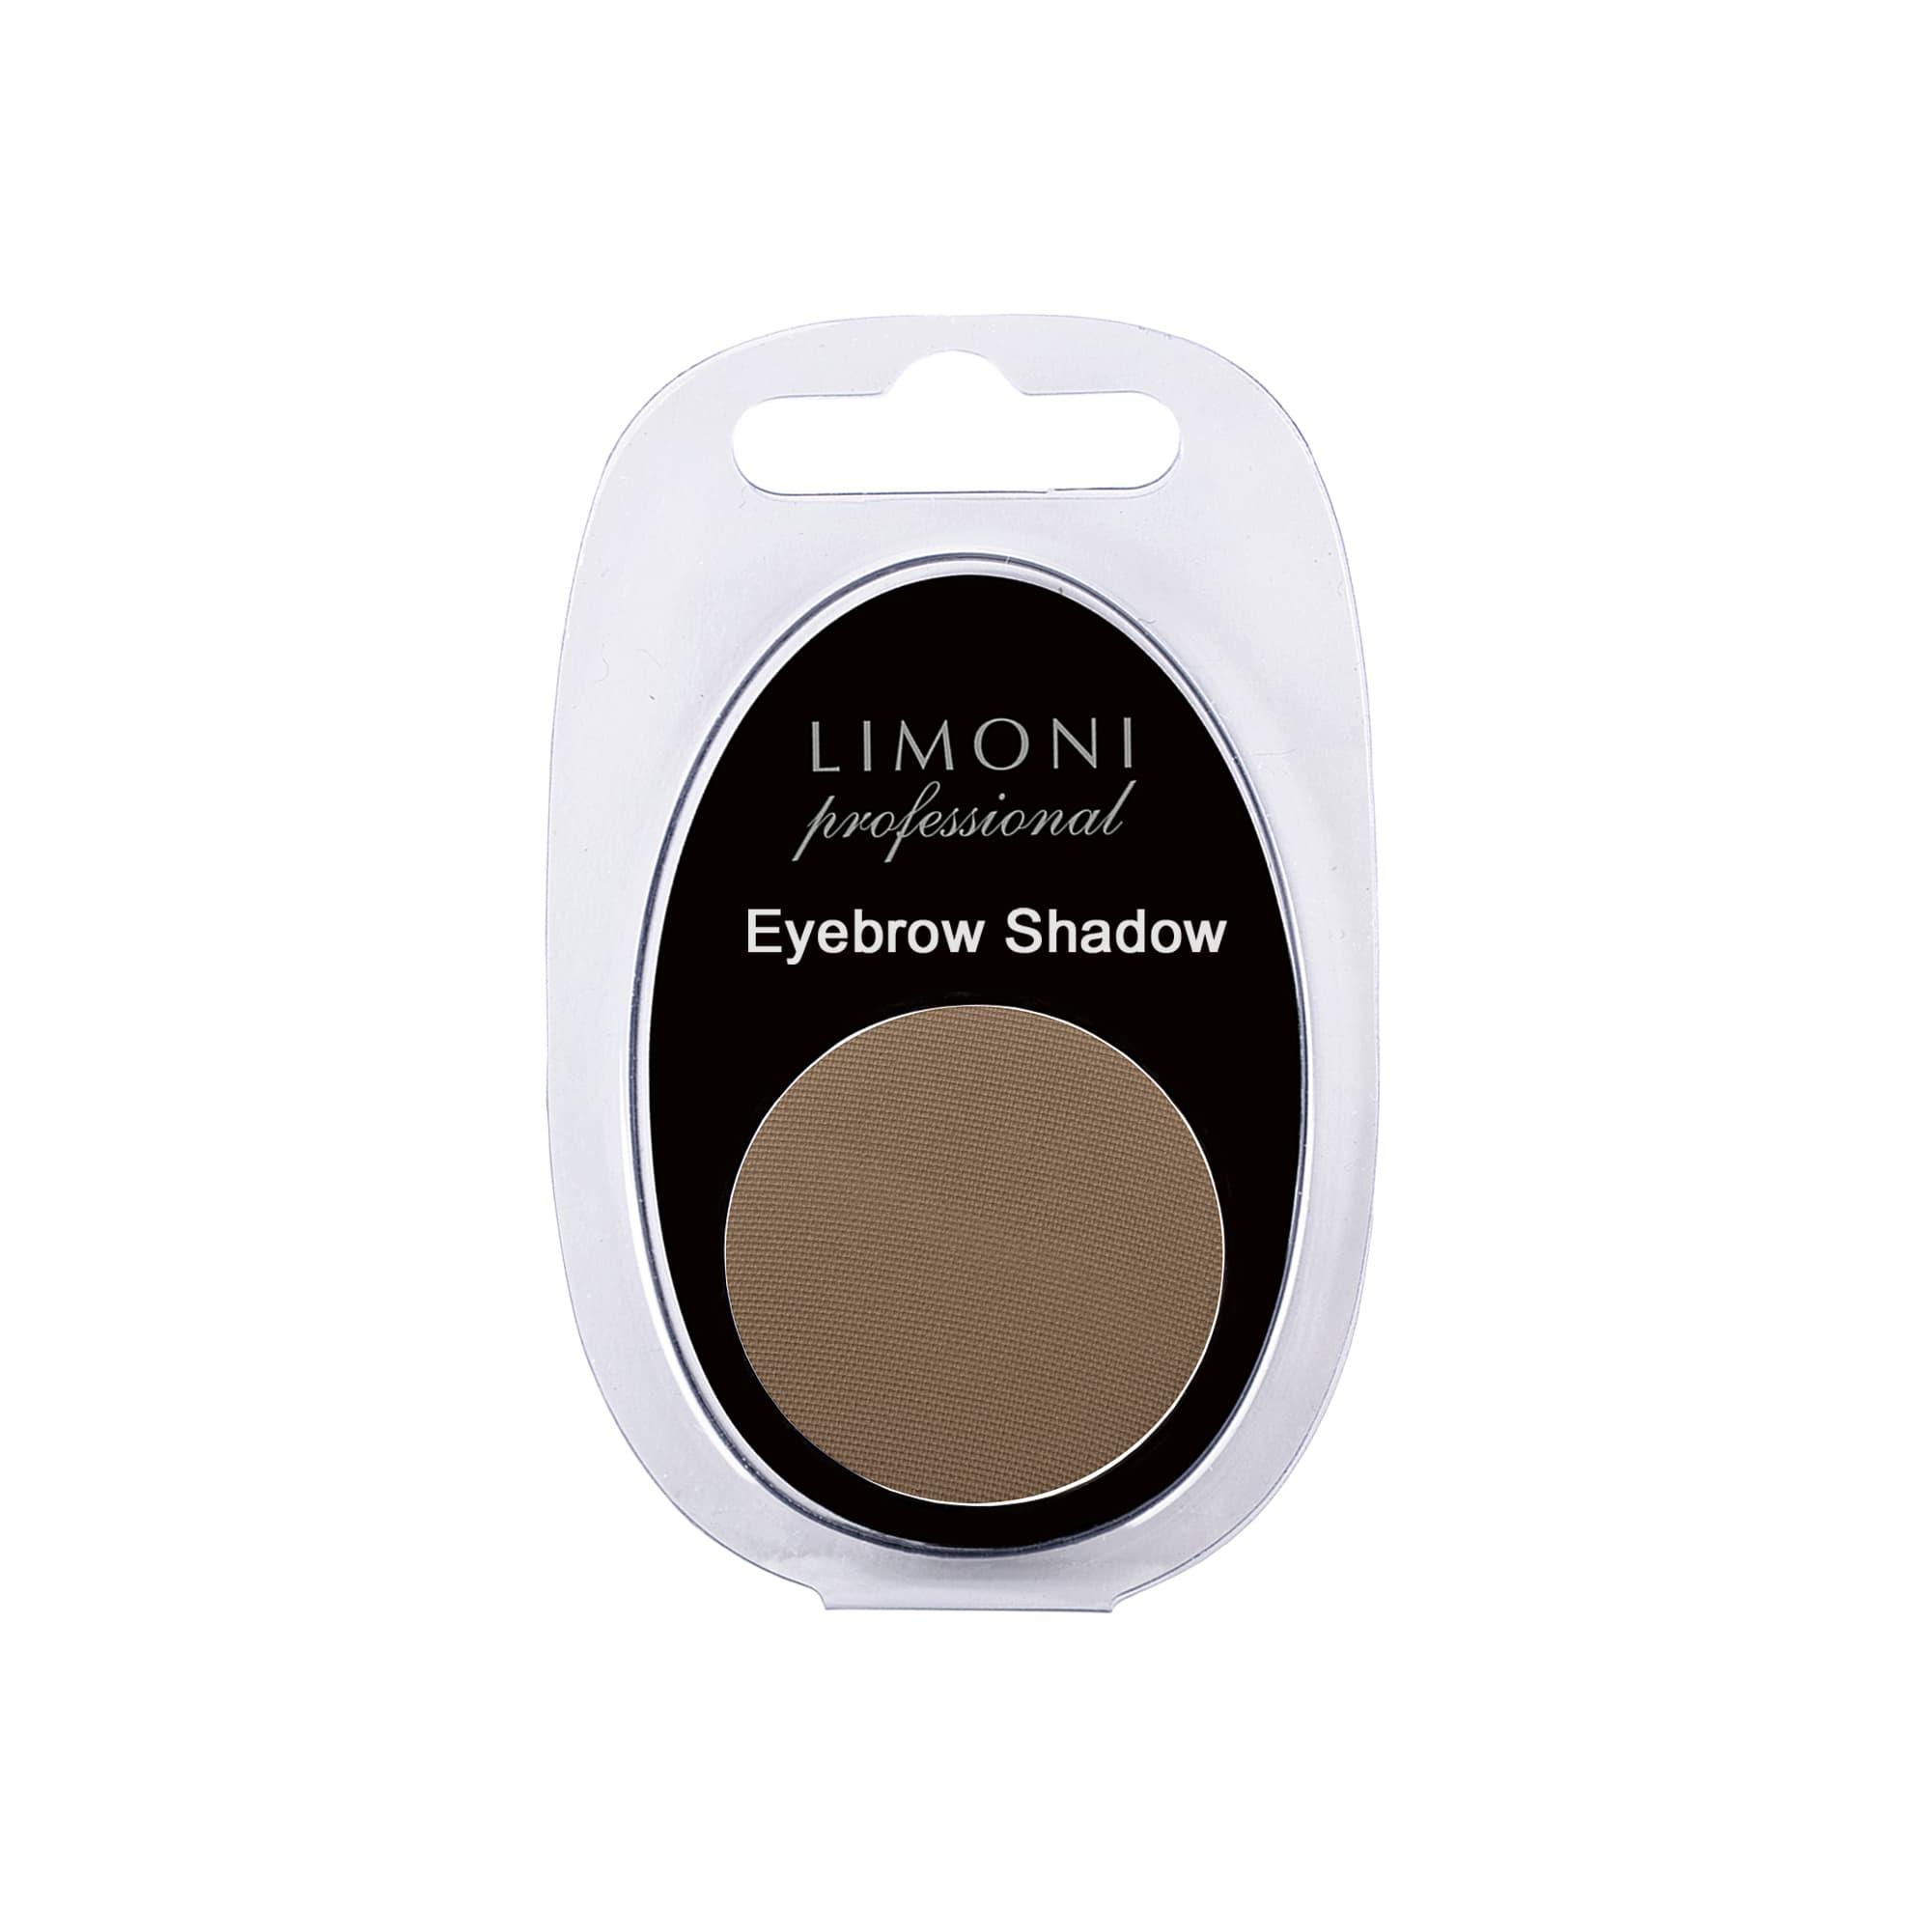 Eyebrow Shadow Тени Для БровейТени для бровей<br>Тени для бровей Eyebrow Shadows от LIMONI - это профессиональный продукт  который стал на сегодняшний день неотъемлемой частью макияжа современных женщин  С этим продуктом вы сможете сделать брови выразительными  подчеркнуть форму и сделать контур более четким  Устойчивая пудровая текстура теней Eyebrow Shadows легко наносится  цвет держится в течение дня  Оттенки теней приближены к натуральному цвету волос  что позволяет создавать естественный макияж  Благодаря невесомой структуре тени не дают излишней яркости  а брови будут выглядеть потрясающе Тени для бровей можно использовать как для дневного  так и для вечернего макияжа<br>Type: № 06;